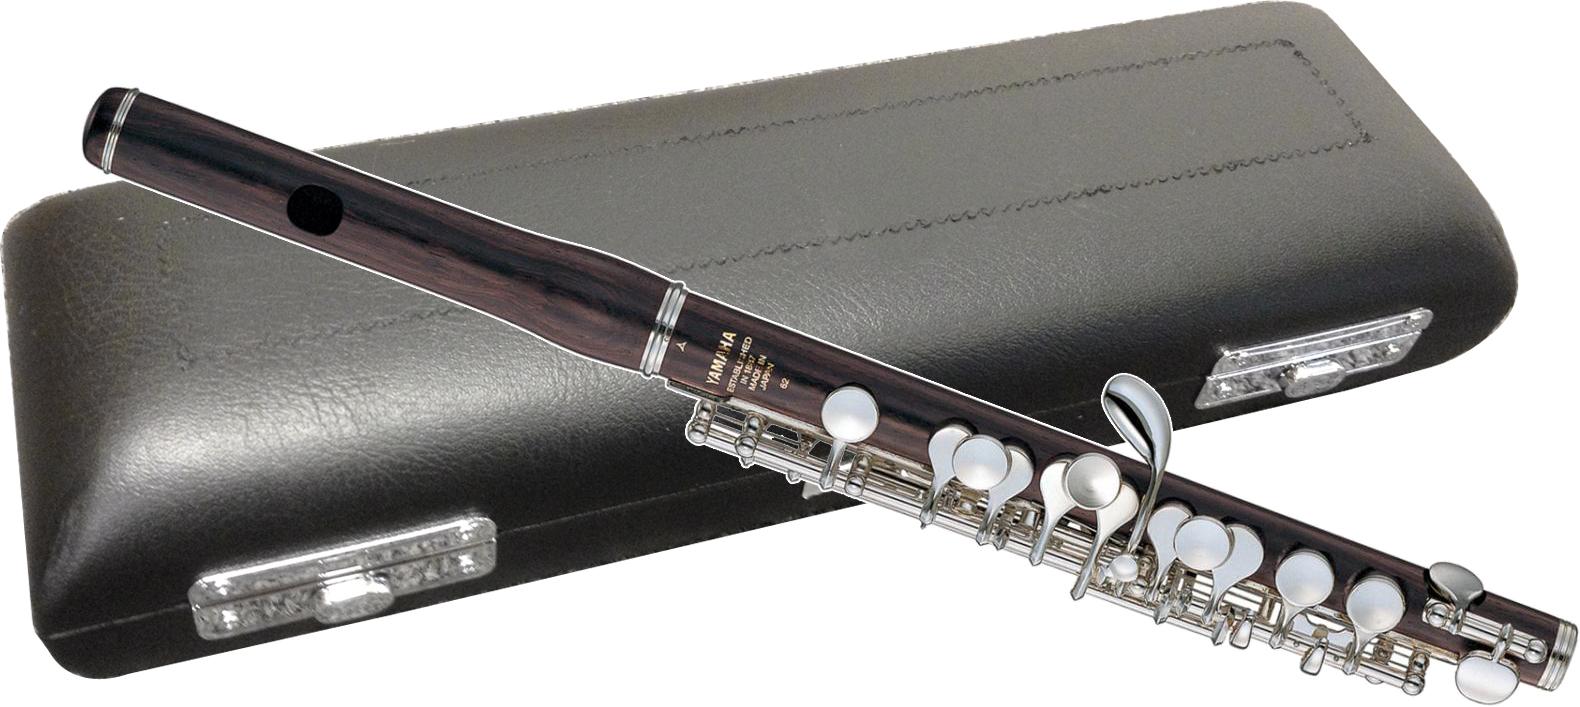 YAMAHA ( ヤマハ ) YPC-62 ピッコロ 木製 新品 管楽器 Eメカ付き 主管 頭部管 グラナディラ プロフェッショナルシリーズ 正規品 送料無料